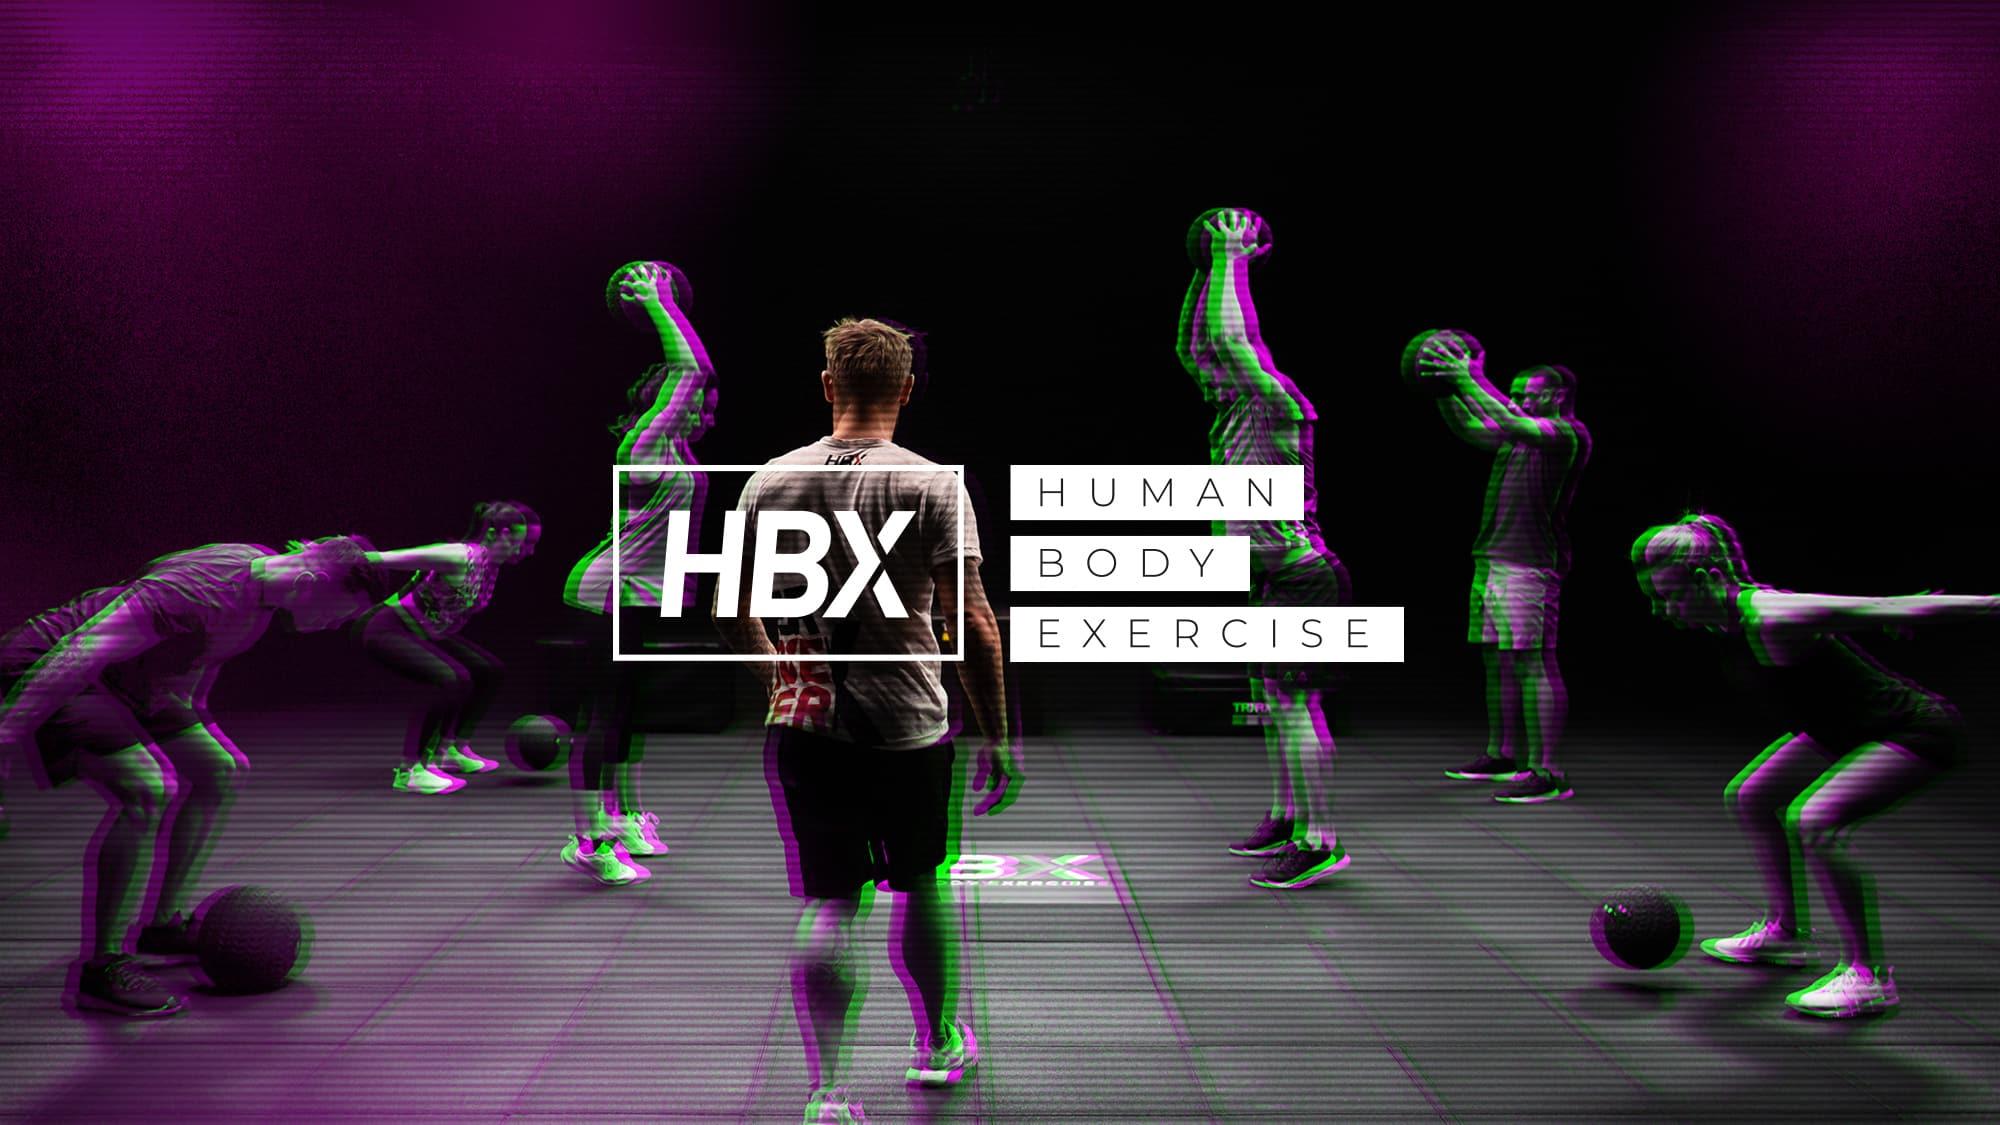 Vous rêvez de participer au prochain tournage des programmes HBX ? 🤩